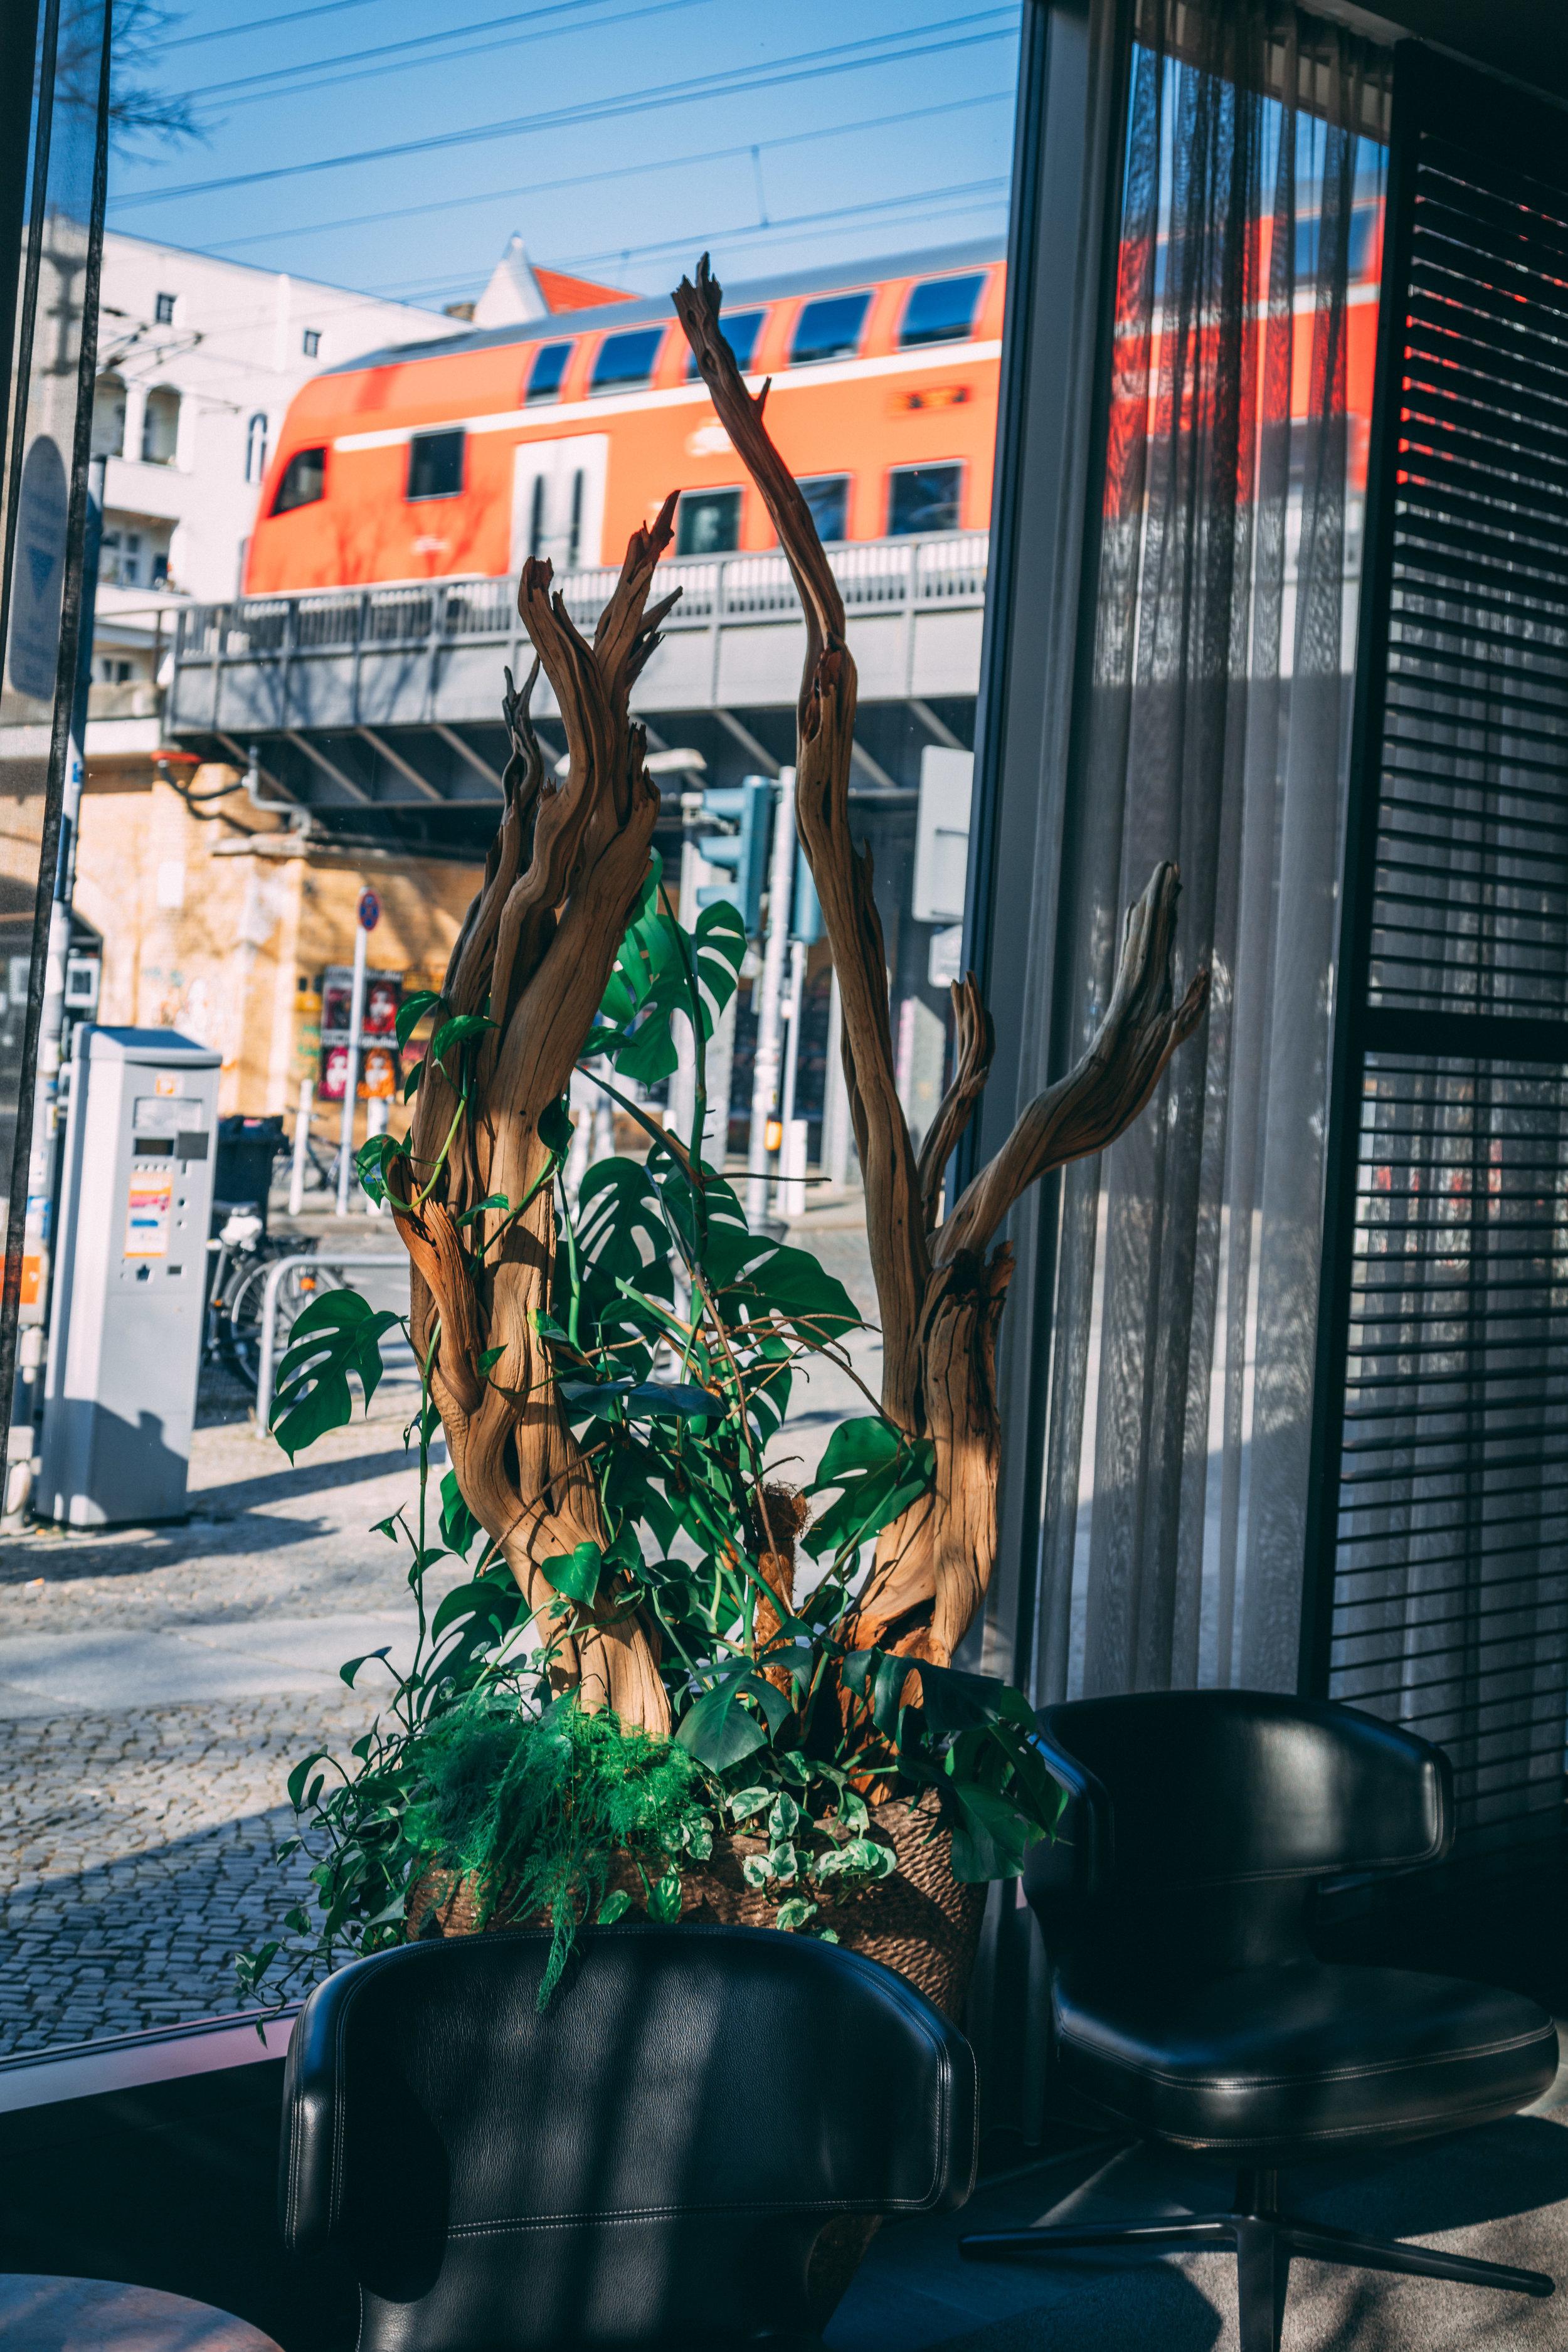 Sug-SeanxPaulaPotry-Hotellok80-Berlin-2.jpg